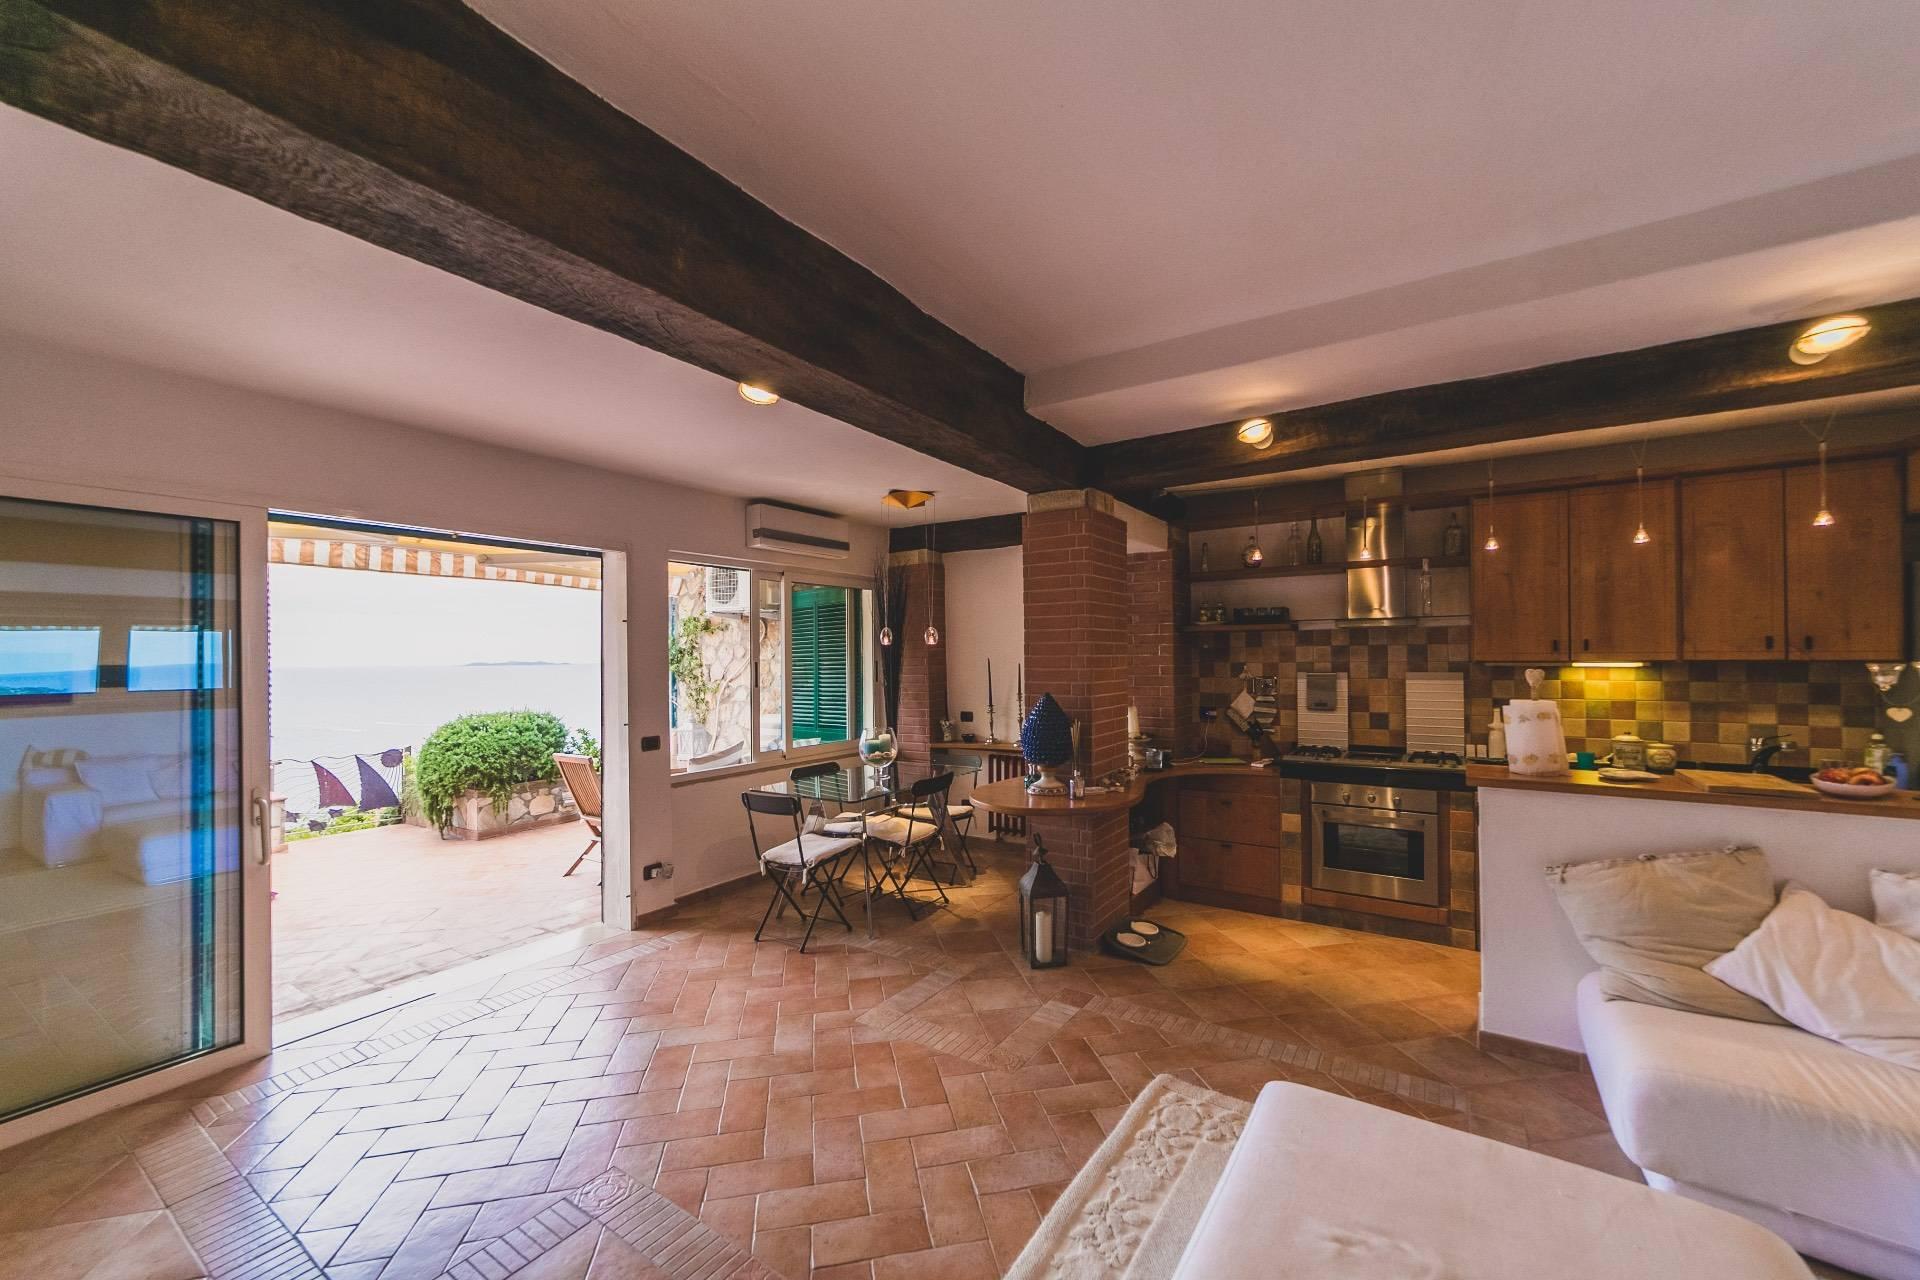 Appartamento in vendita a Monte Argentario, 5 locali, zona Località: CalaPiccola, prezzo € 490.000 | PortaleAgenzieImmobiliari.it